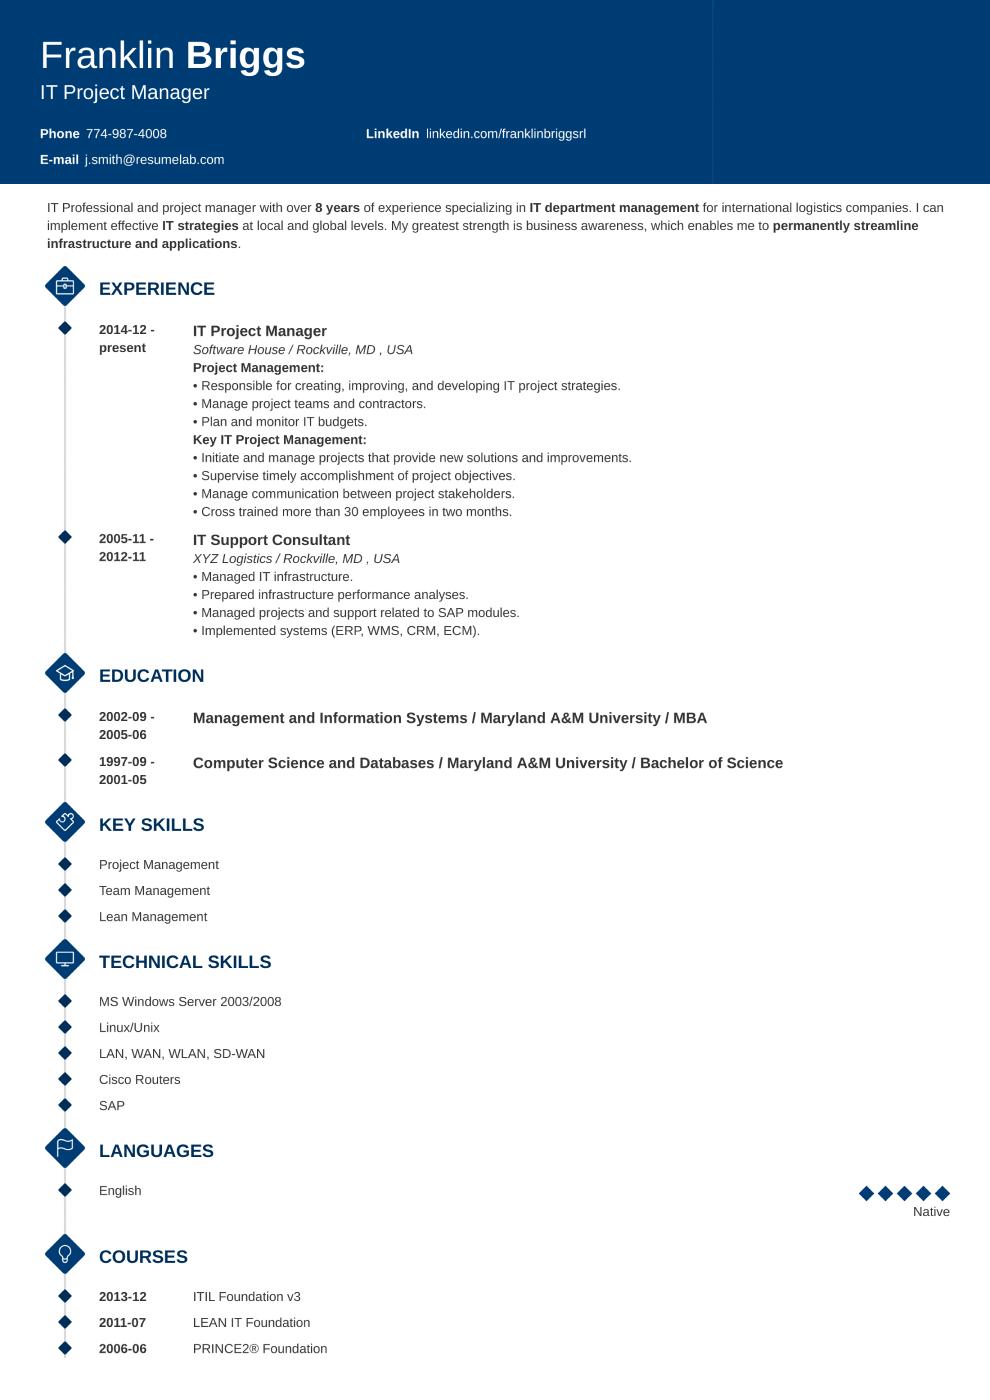 Diamond resume template